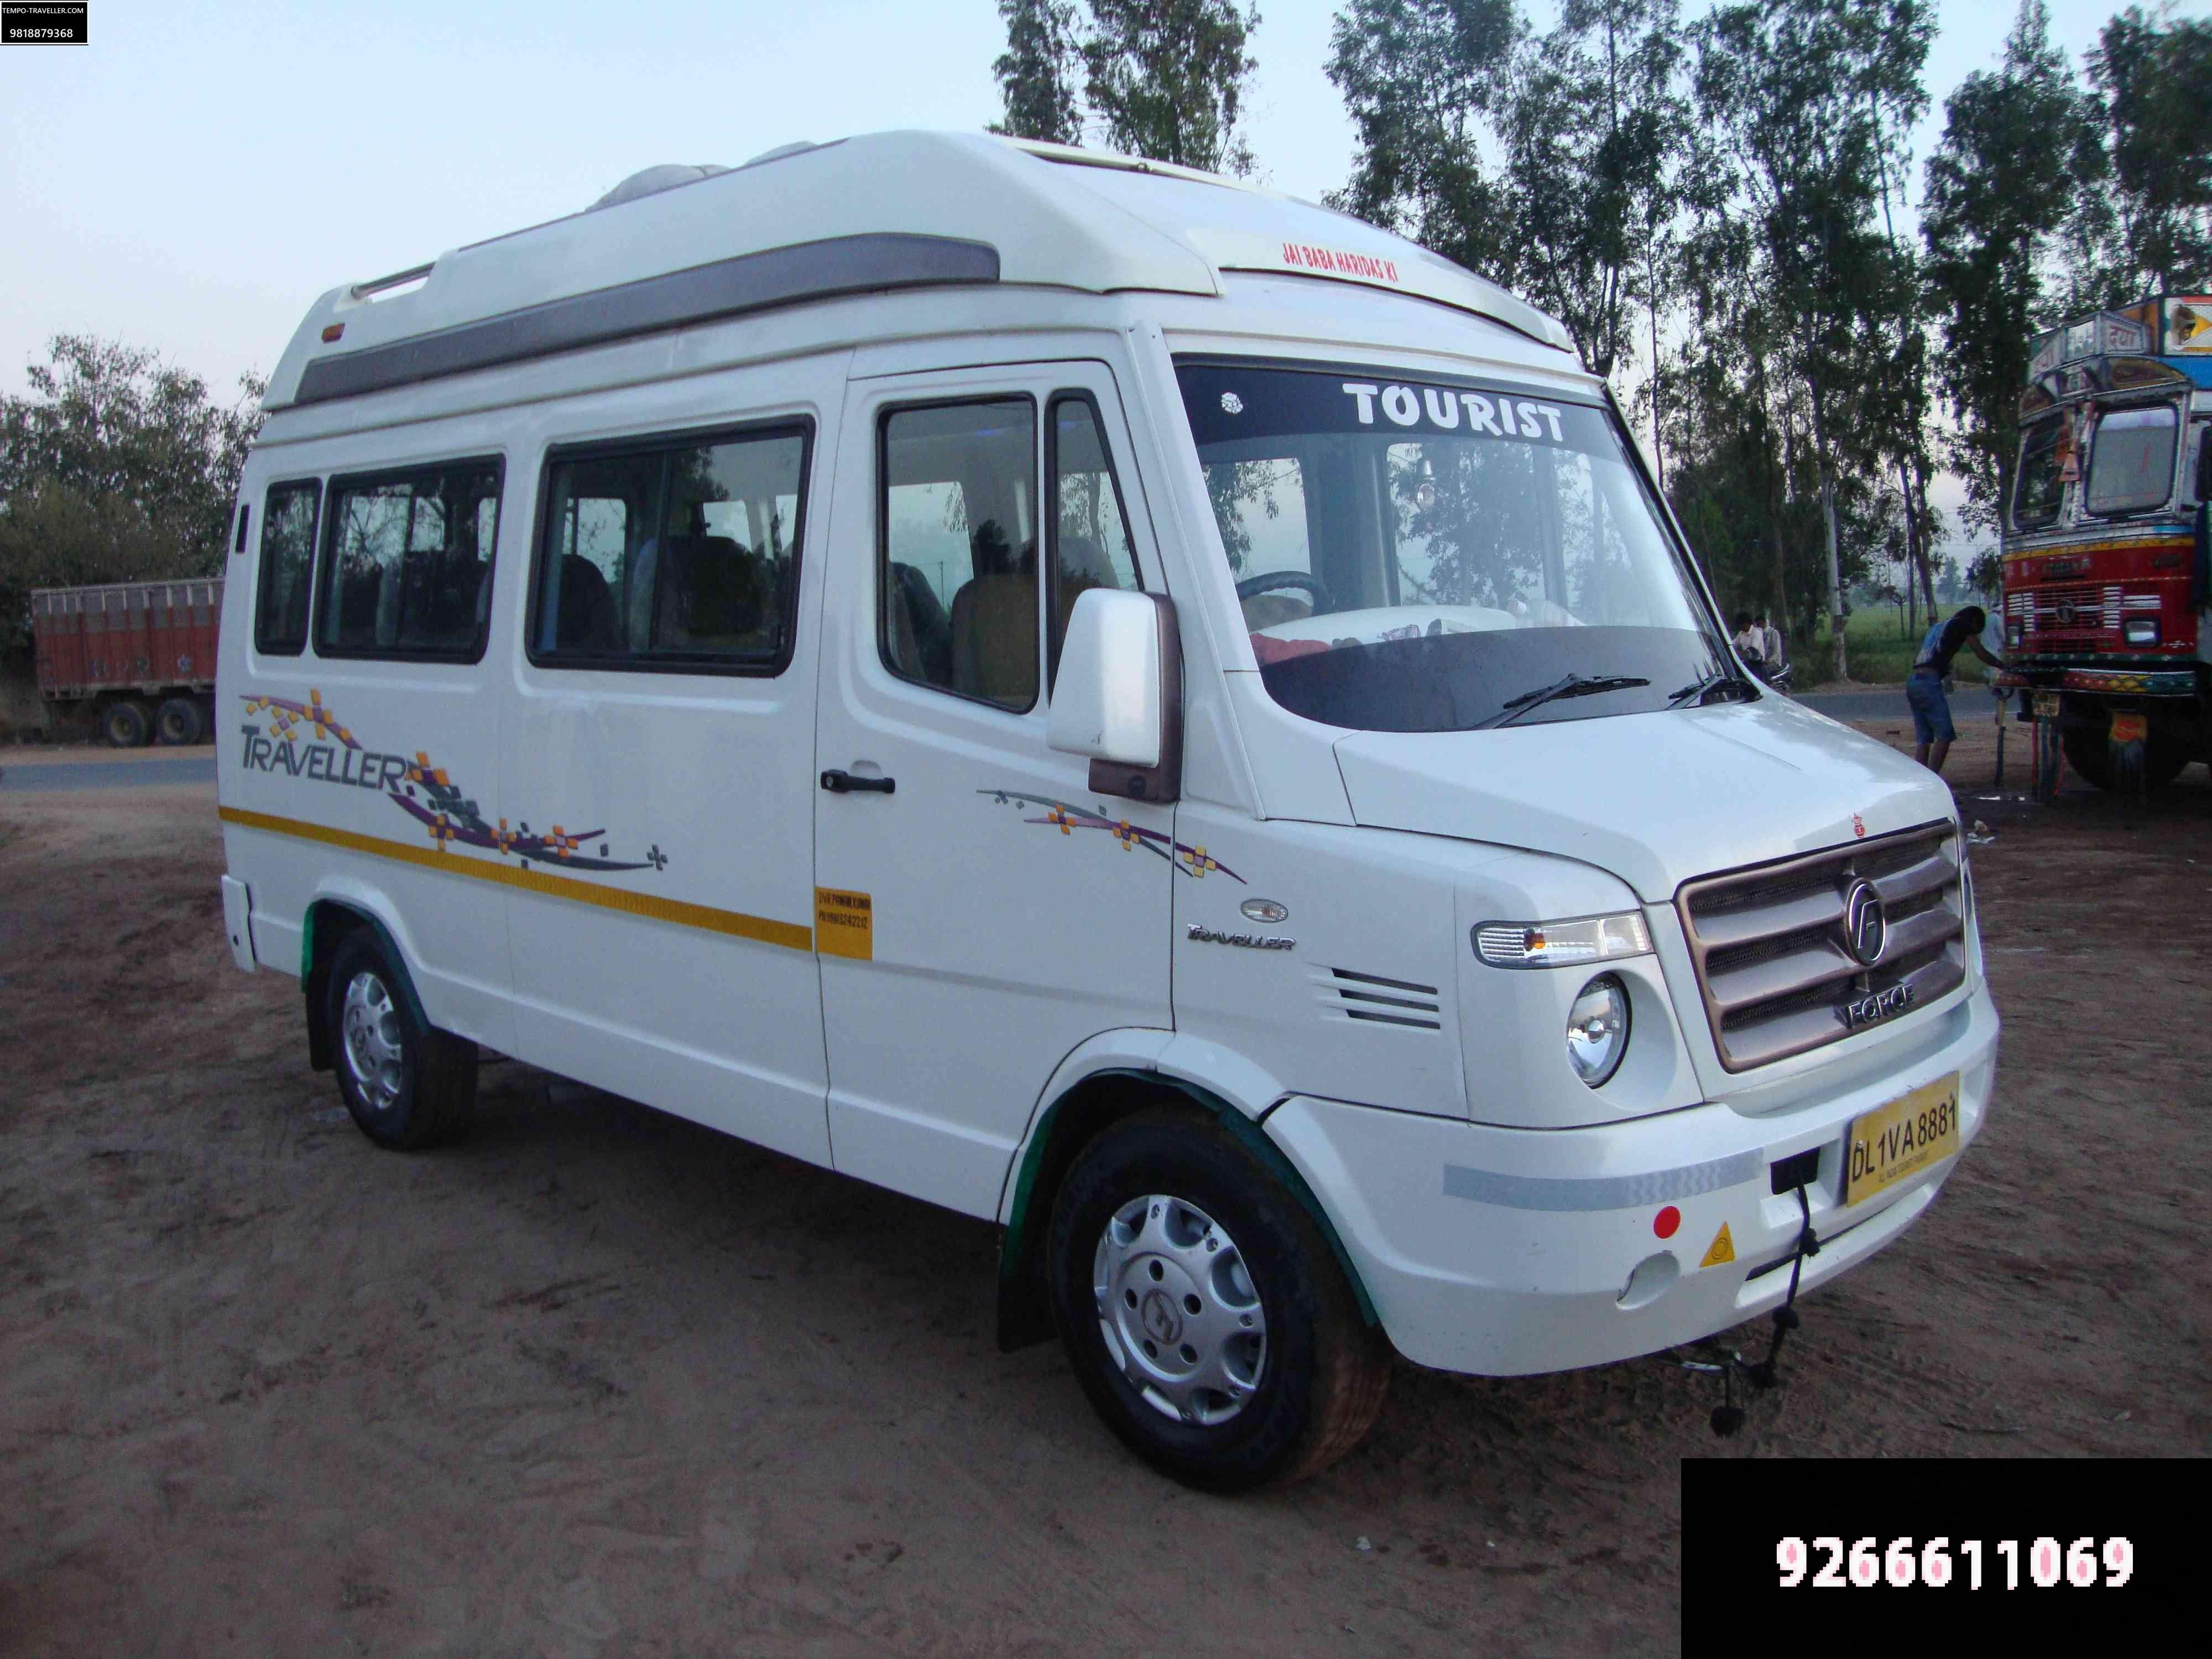 Car Hire Delhi To Haridwar